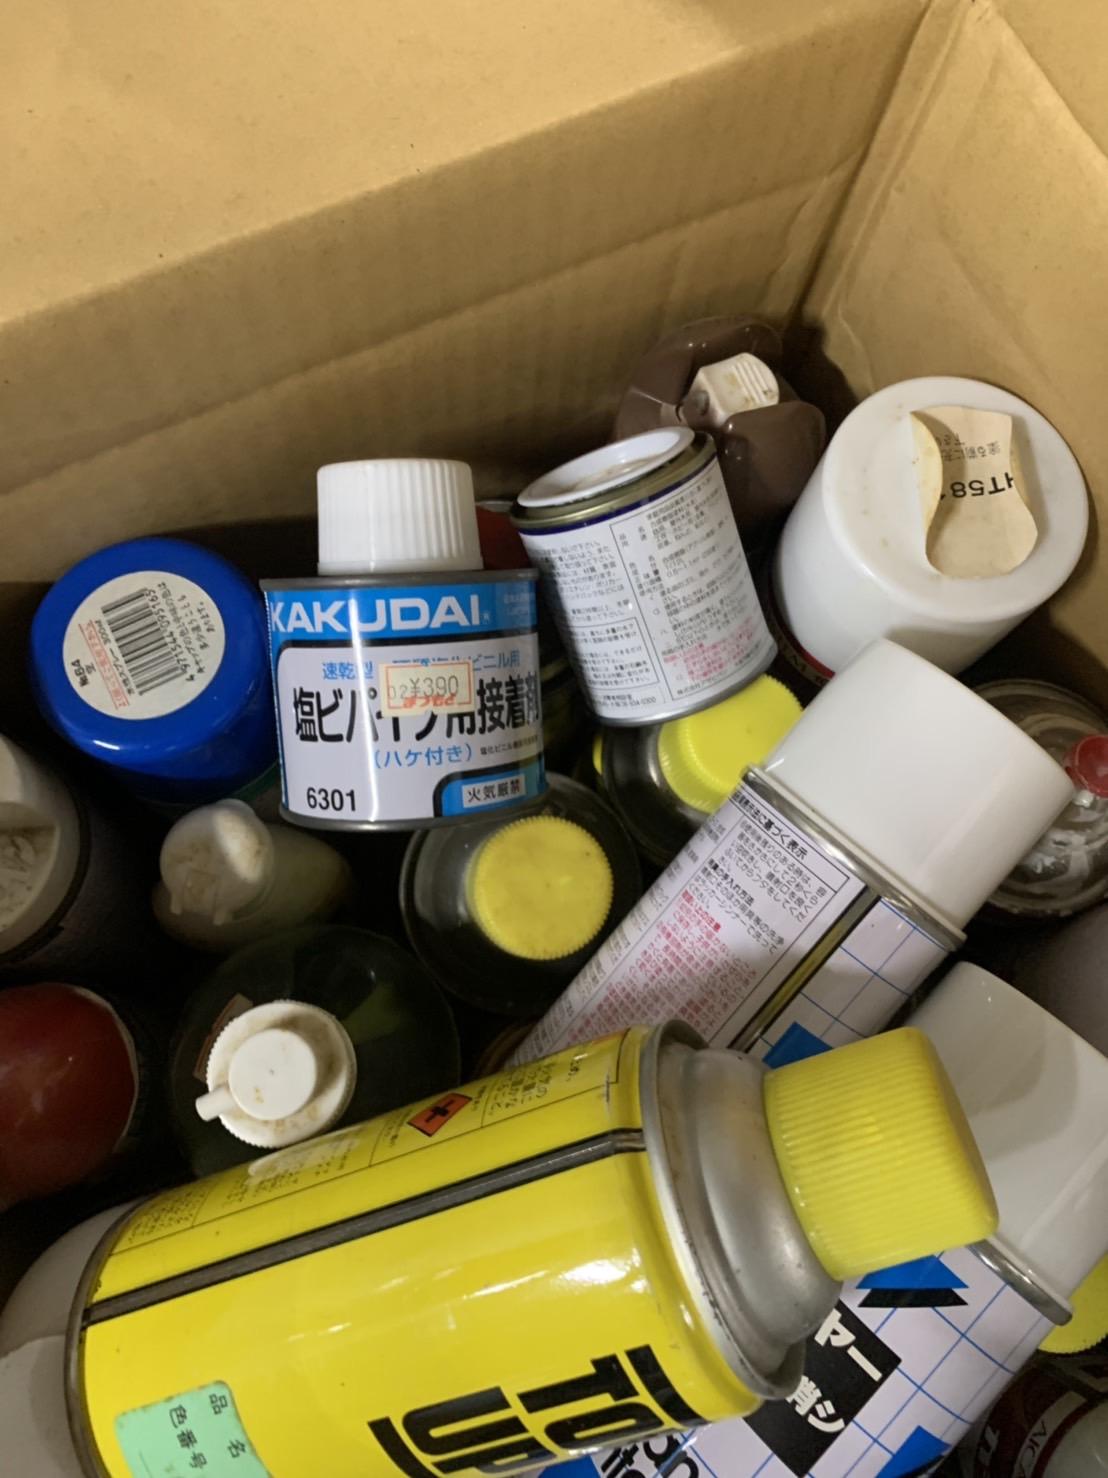 【産業廃棄物の回収】塗料・特殊薬品小口の廃棄依頼 ・油水分離処理を行った事例を紹介します。